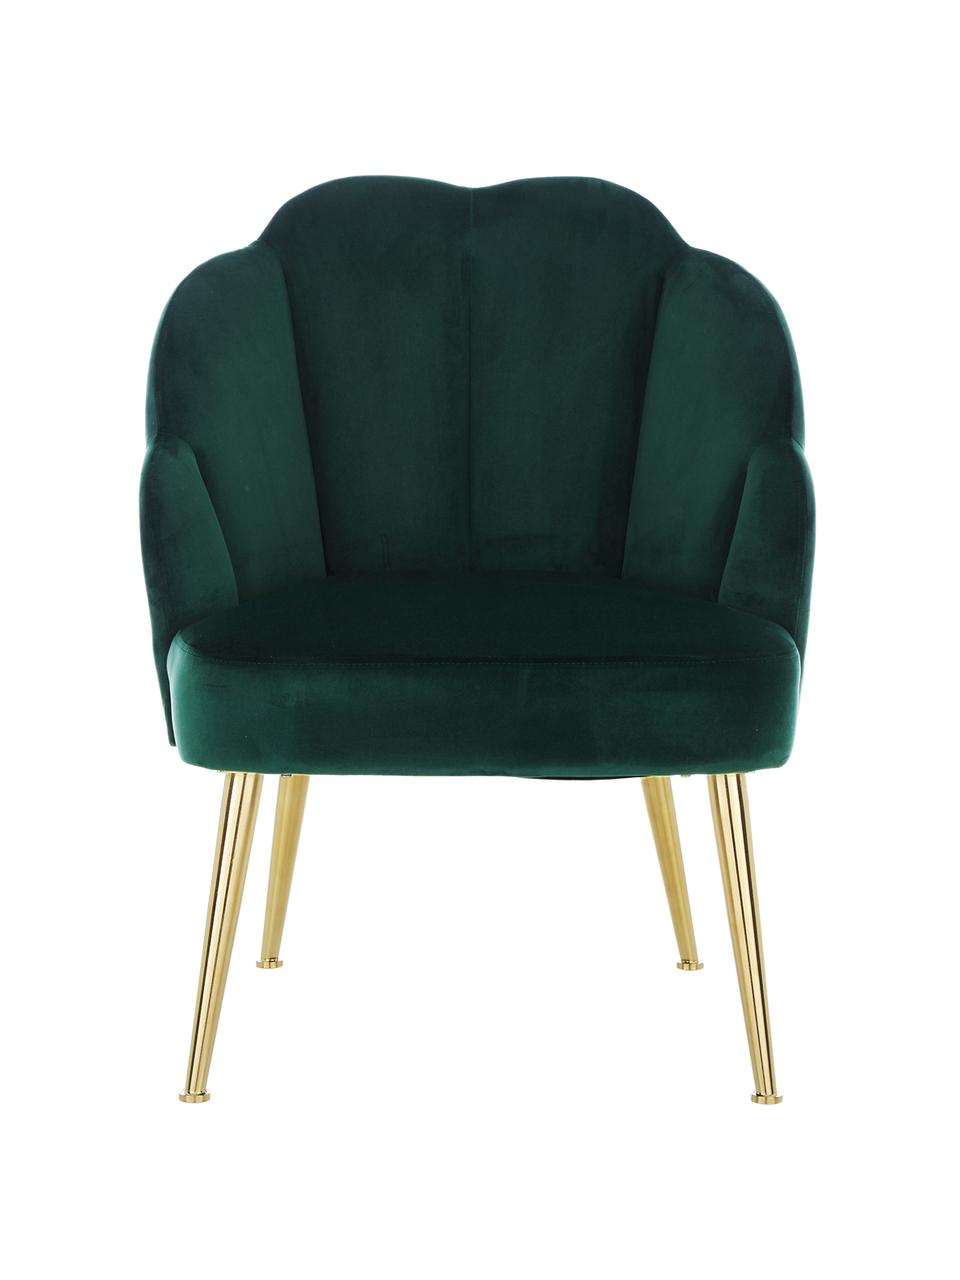 Fotel koktajlowy z aksamitu Helle, Tapicerka: aksamit (poliester) Dzięk, Nogi: metal malowany proszkowo, Aksamitny ciemny zielony, S 65 x G 65 cm